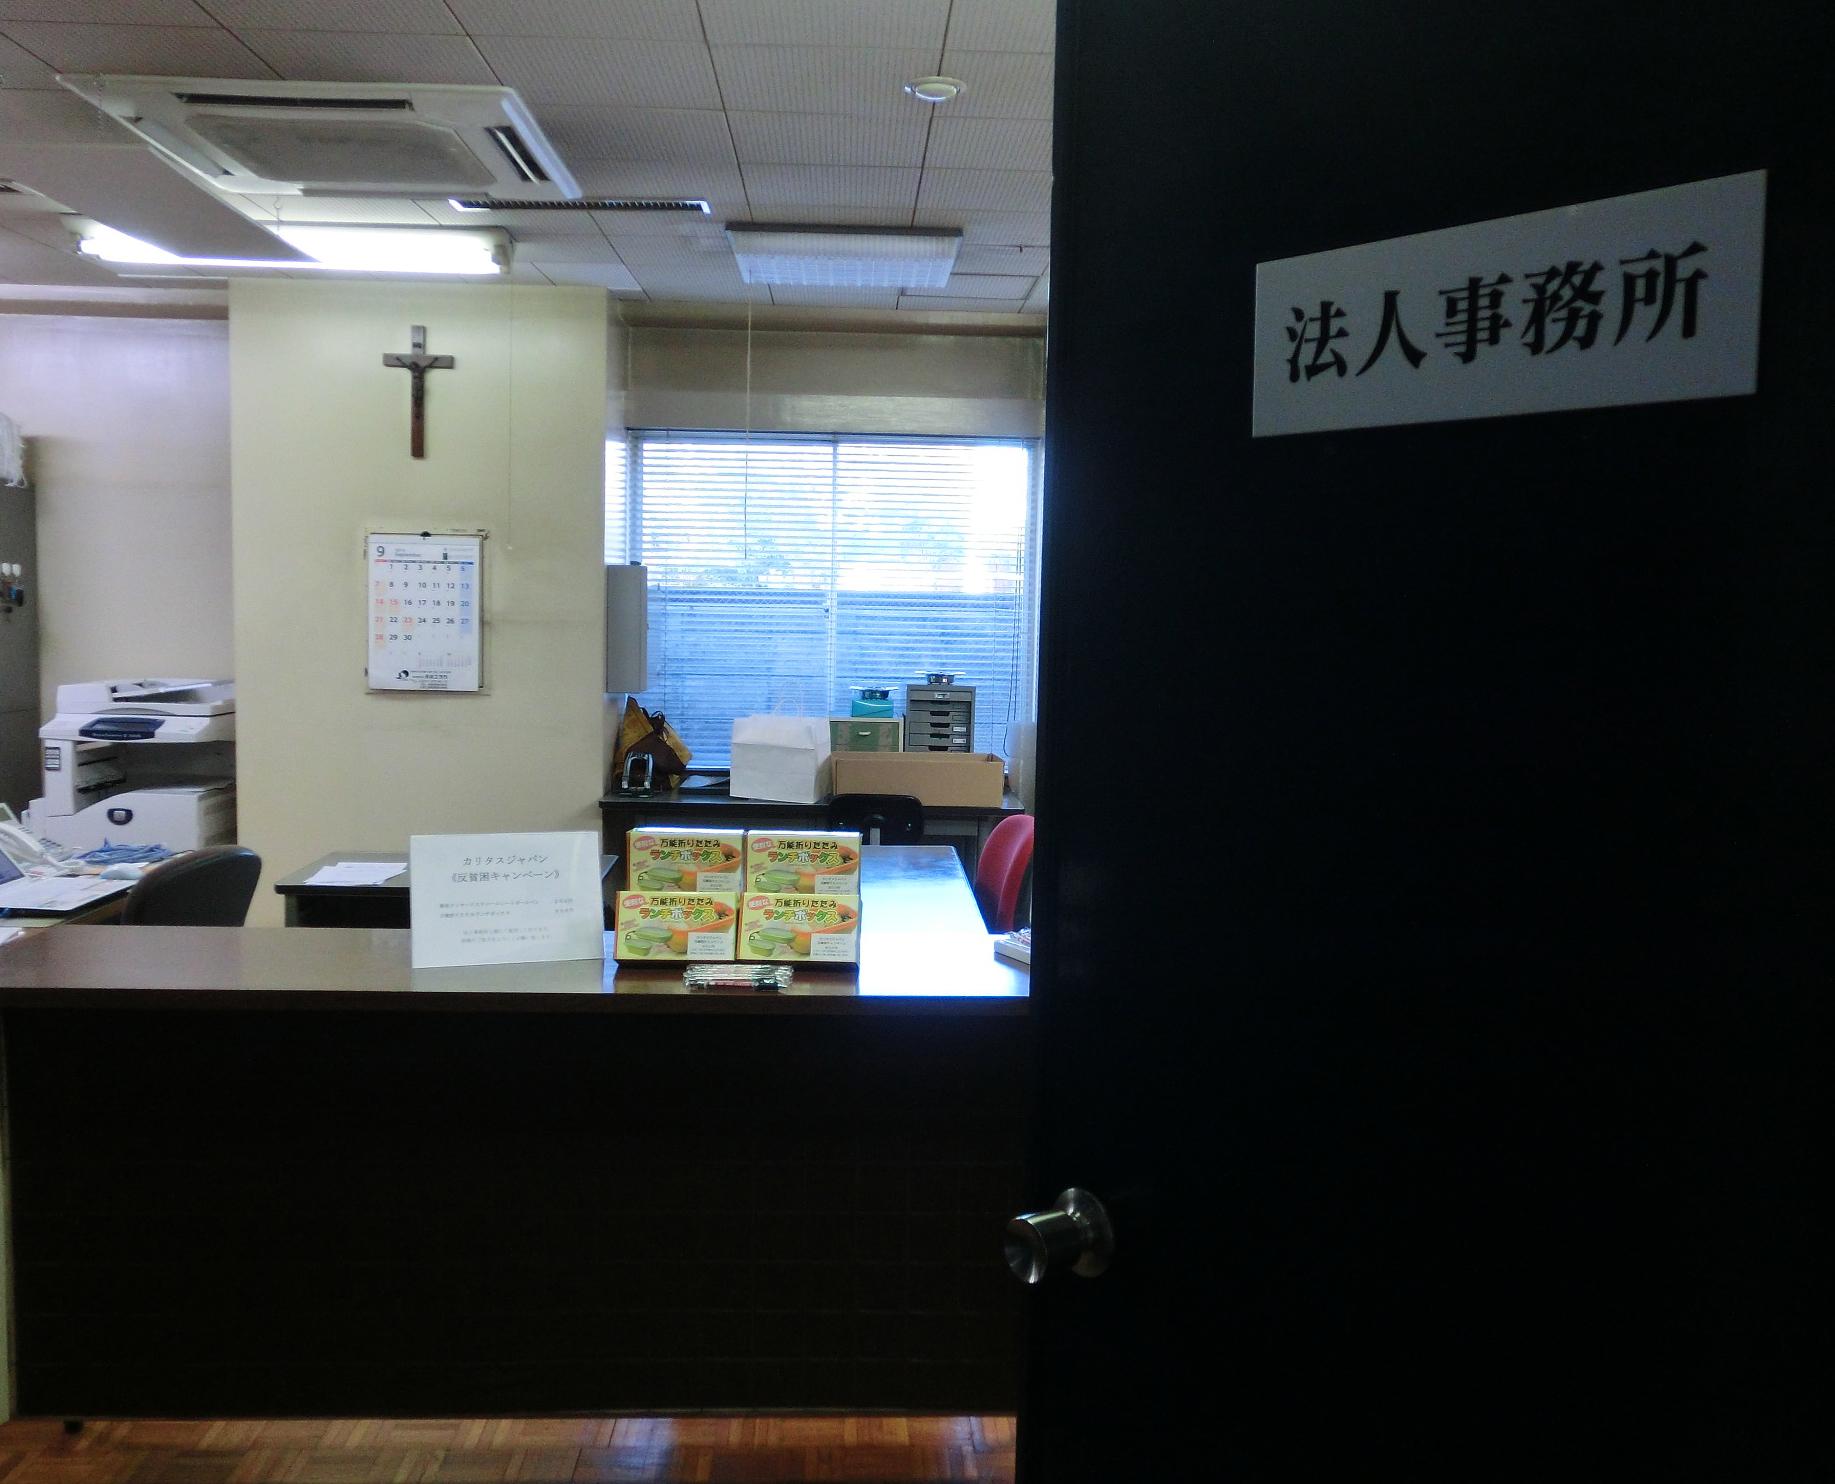 2014カリタスジャパン反貧困キャンペーンCIMG4850